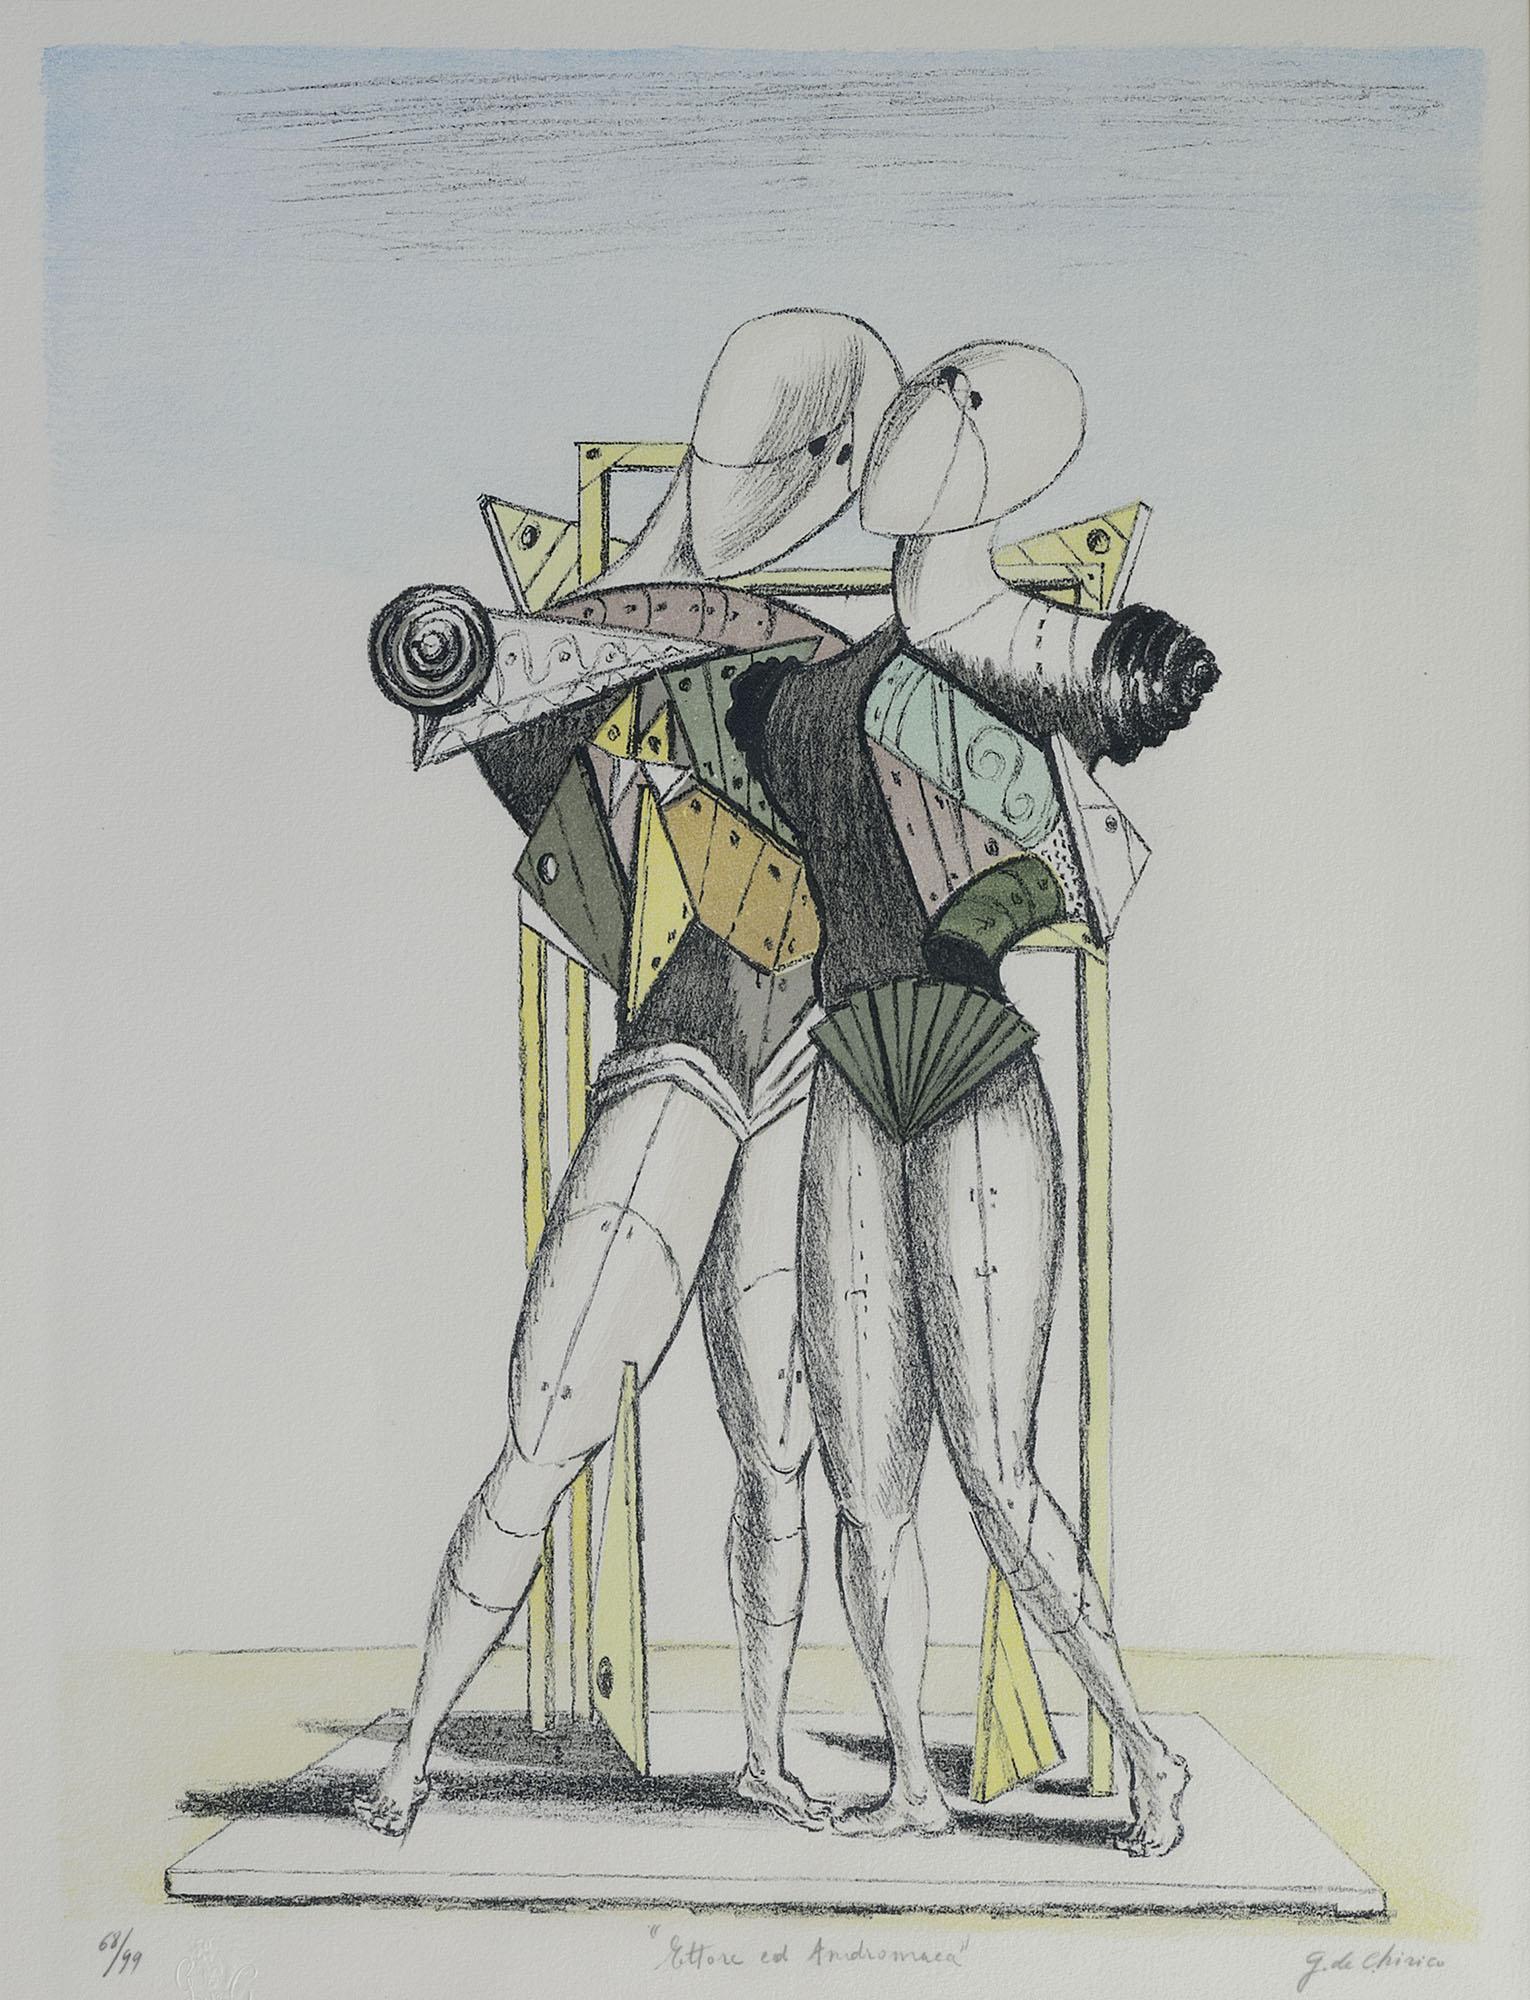 Ettore e Andromaca, 1974